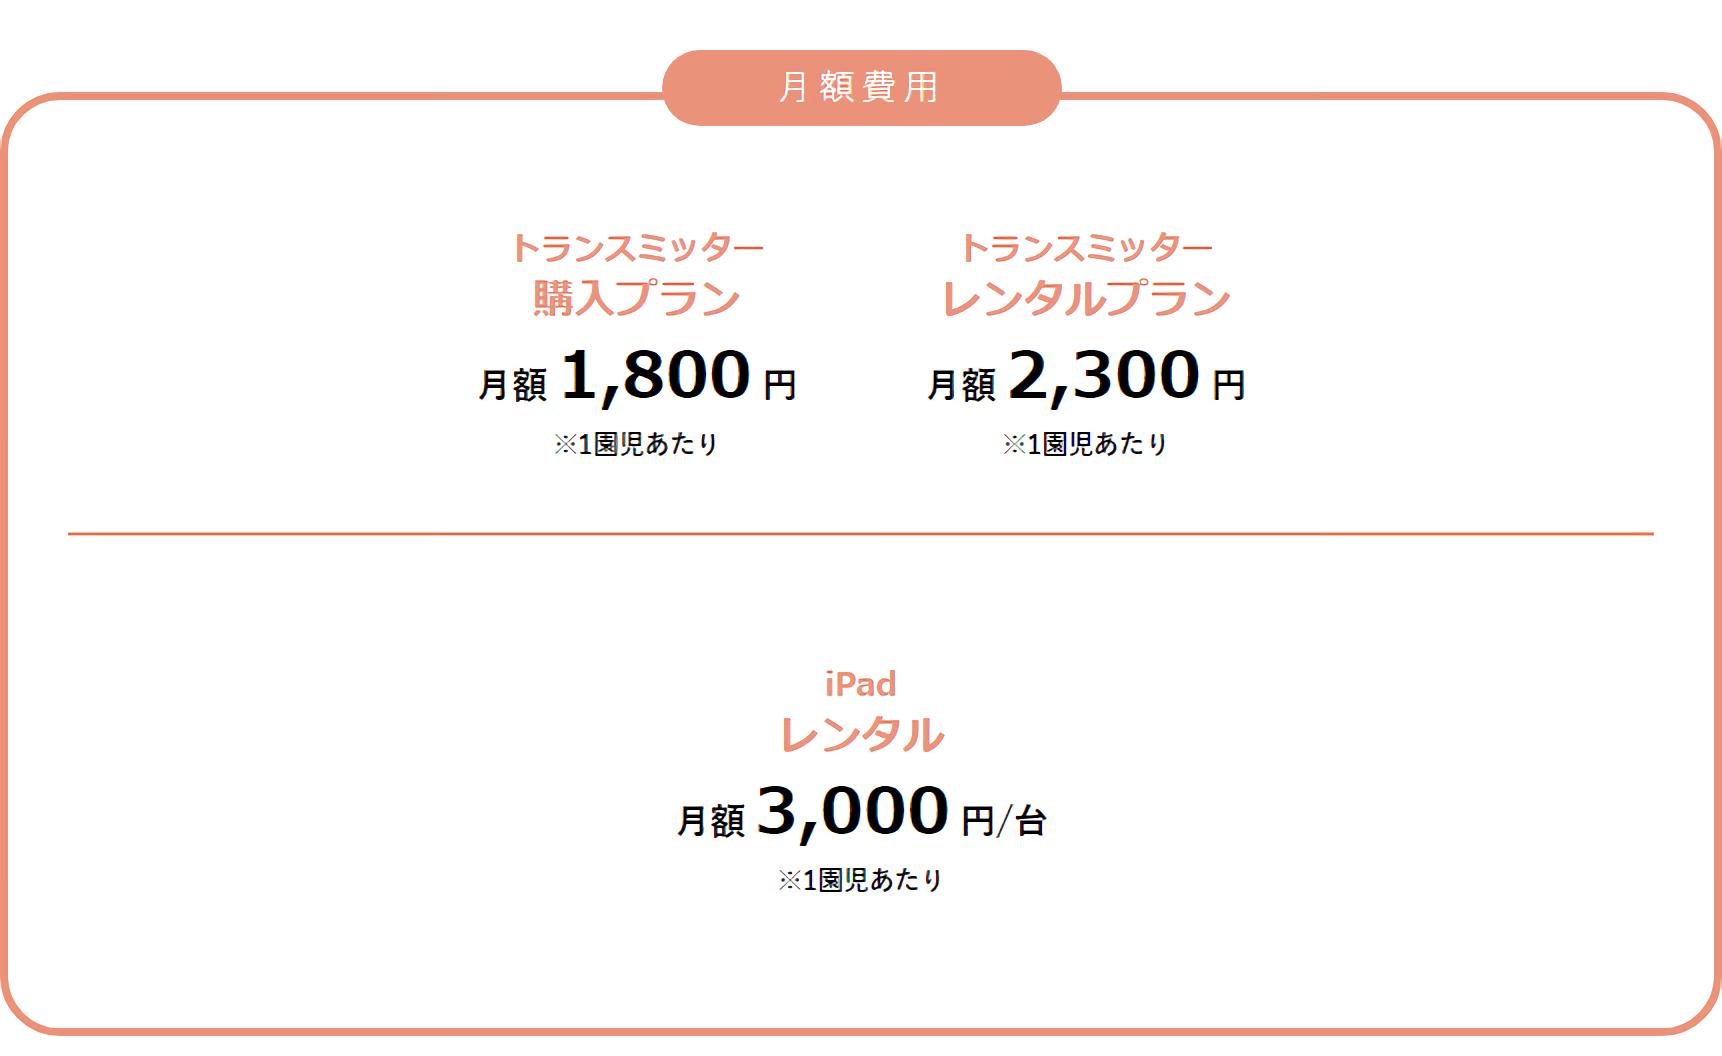 月額費用 トランスミッター購入プラン月額1,800円 トランスミッターレンタルプラン月額2,300円 iPadレンタル月額3,000円/台